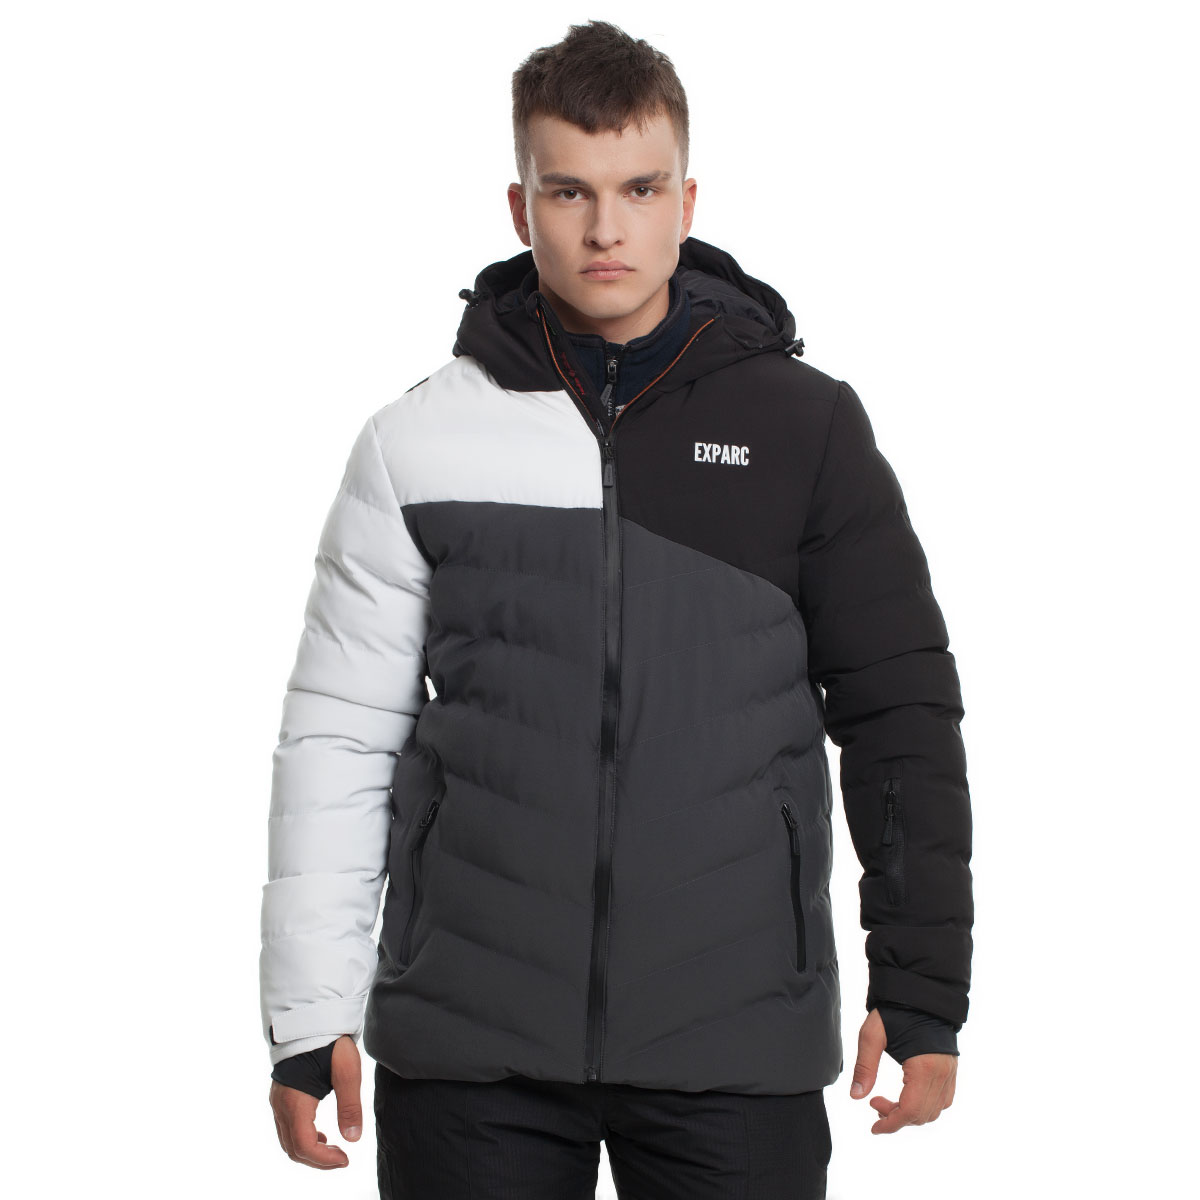 Куртка горнолыжная Exparc, DH-21132